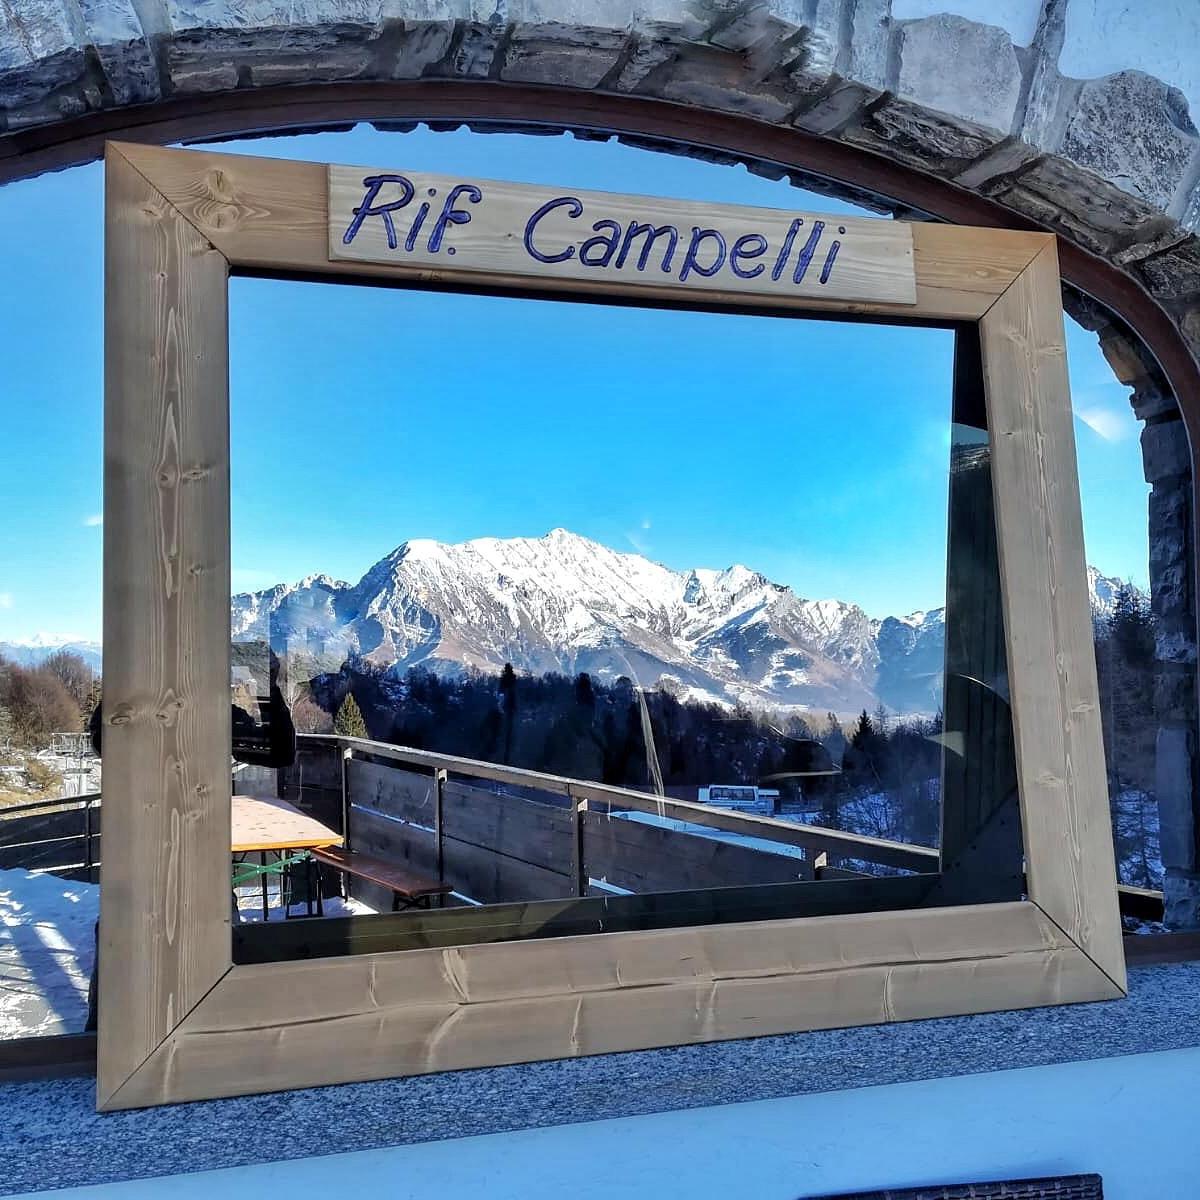 Rifugio Campelli